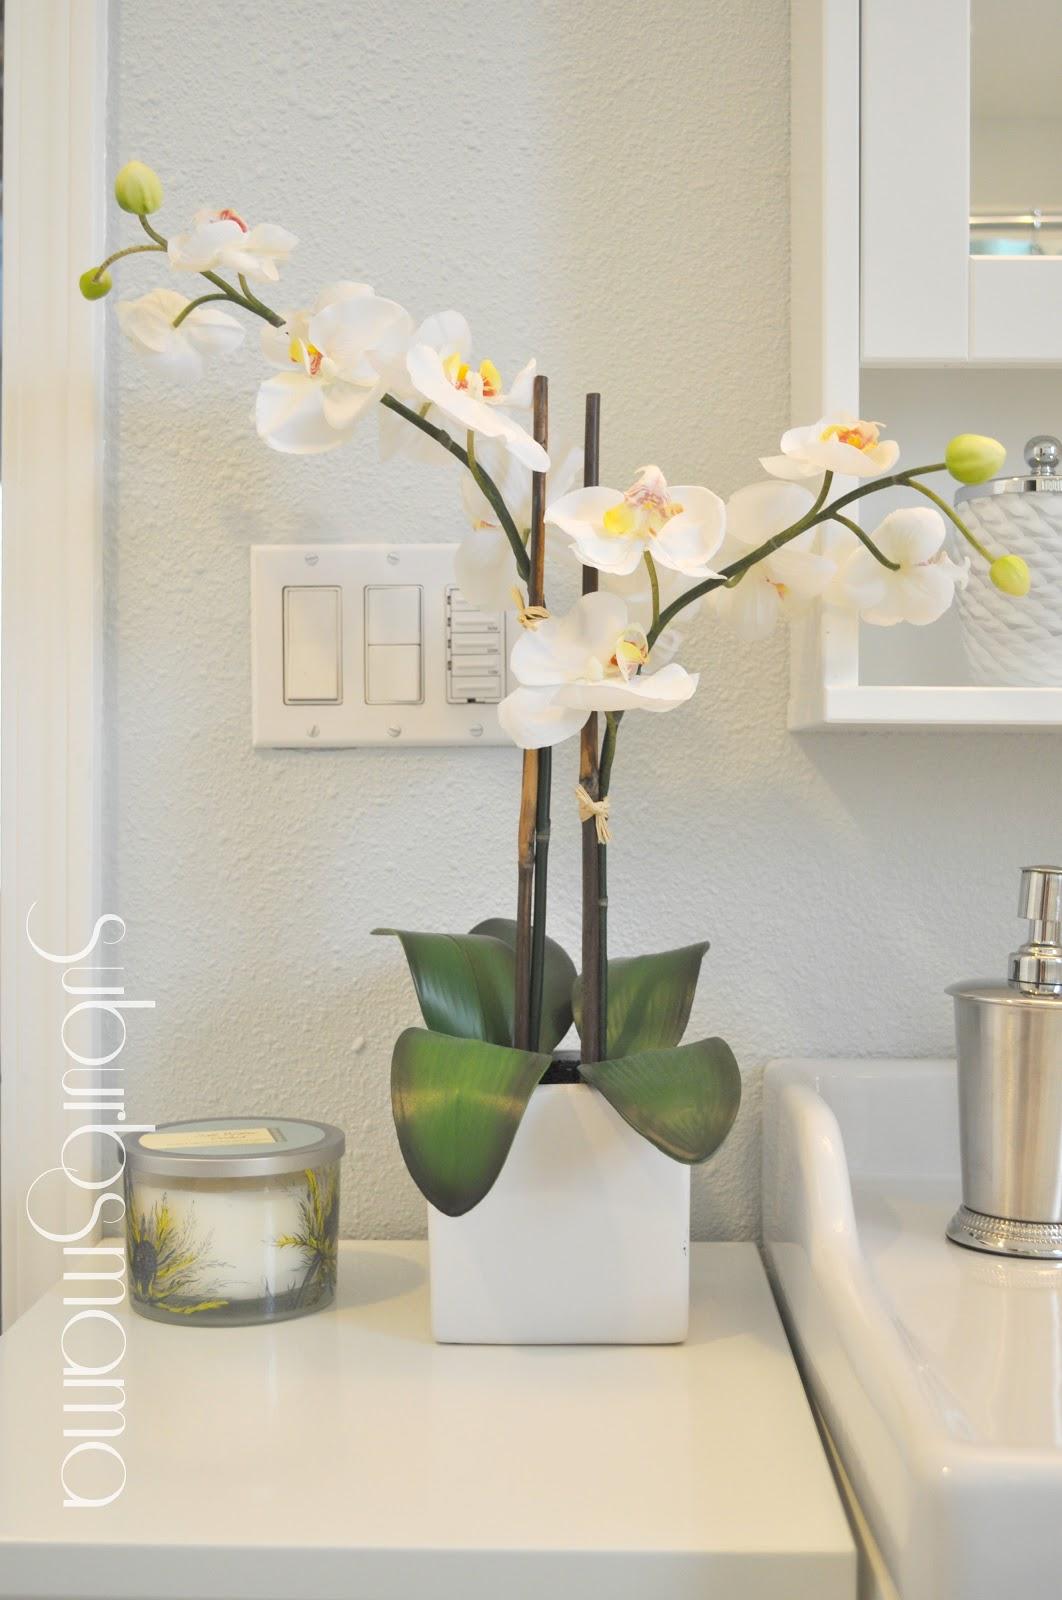 Awesome Badezimmer Deko Ikea Images - Moderne Vintage ...